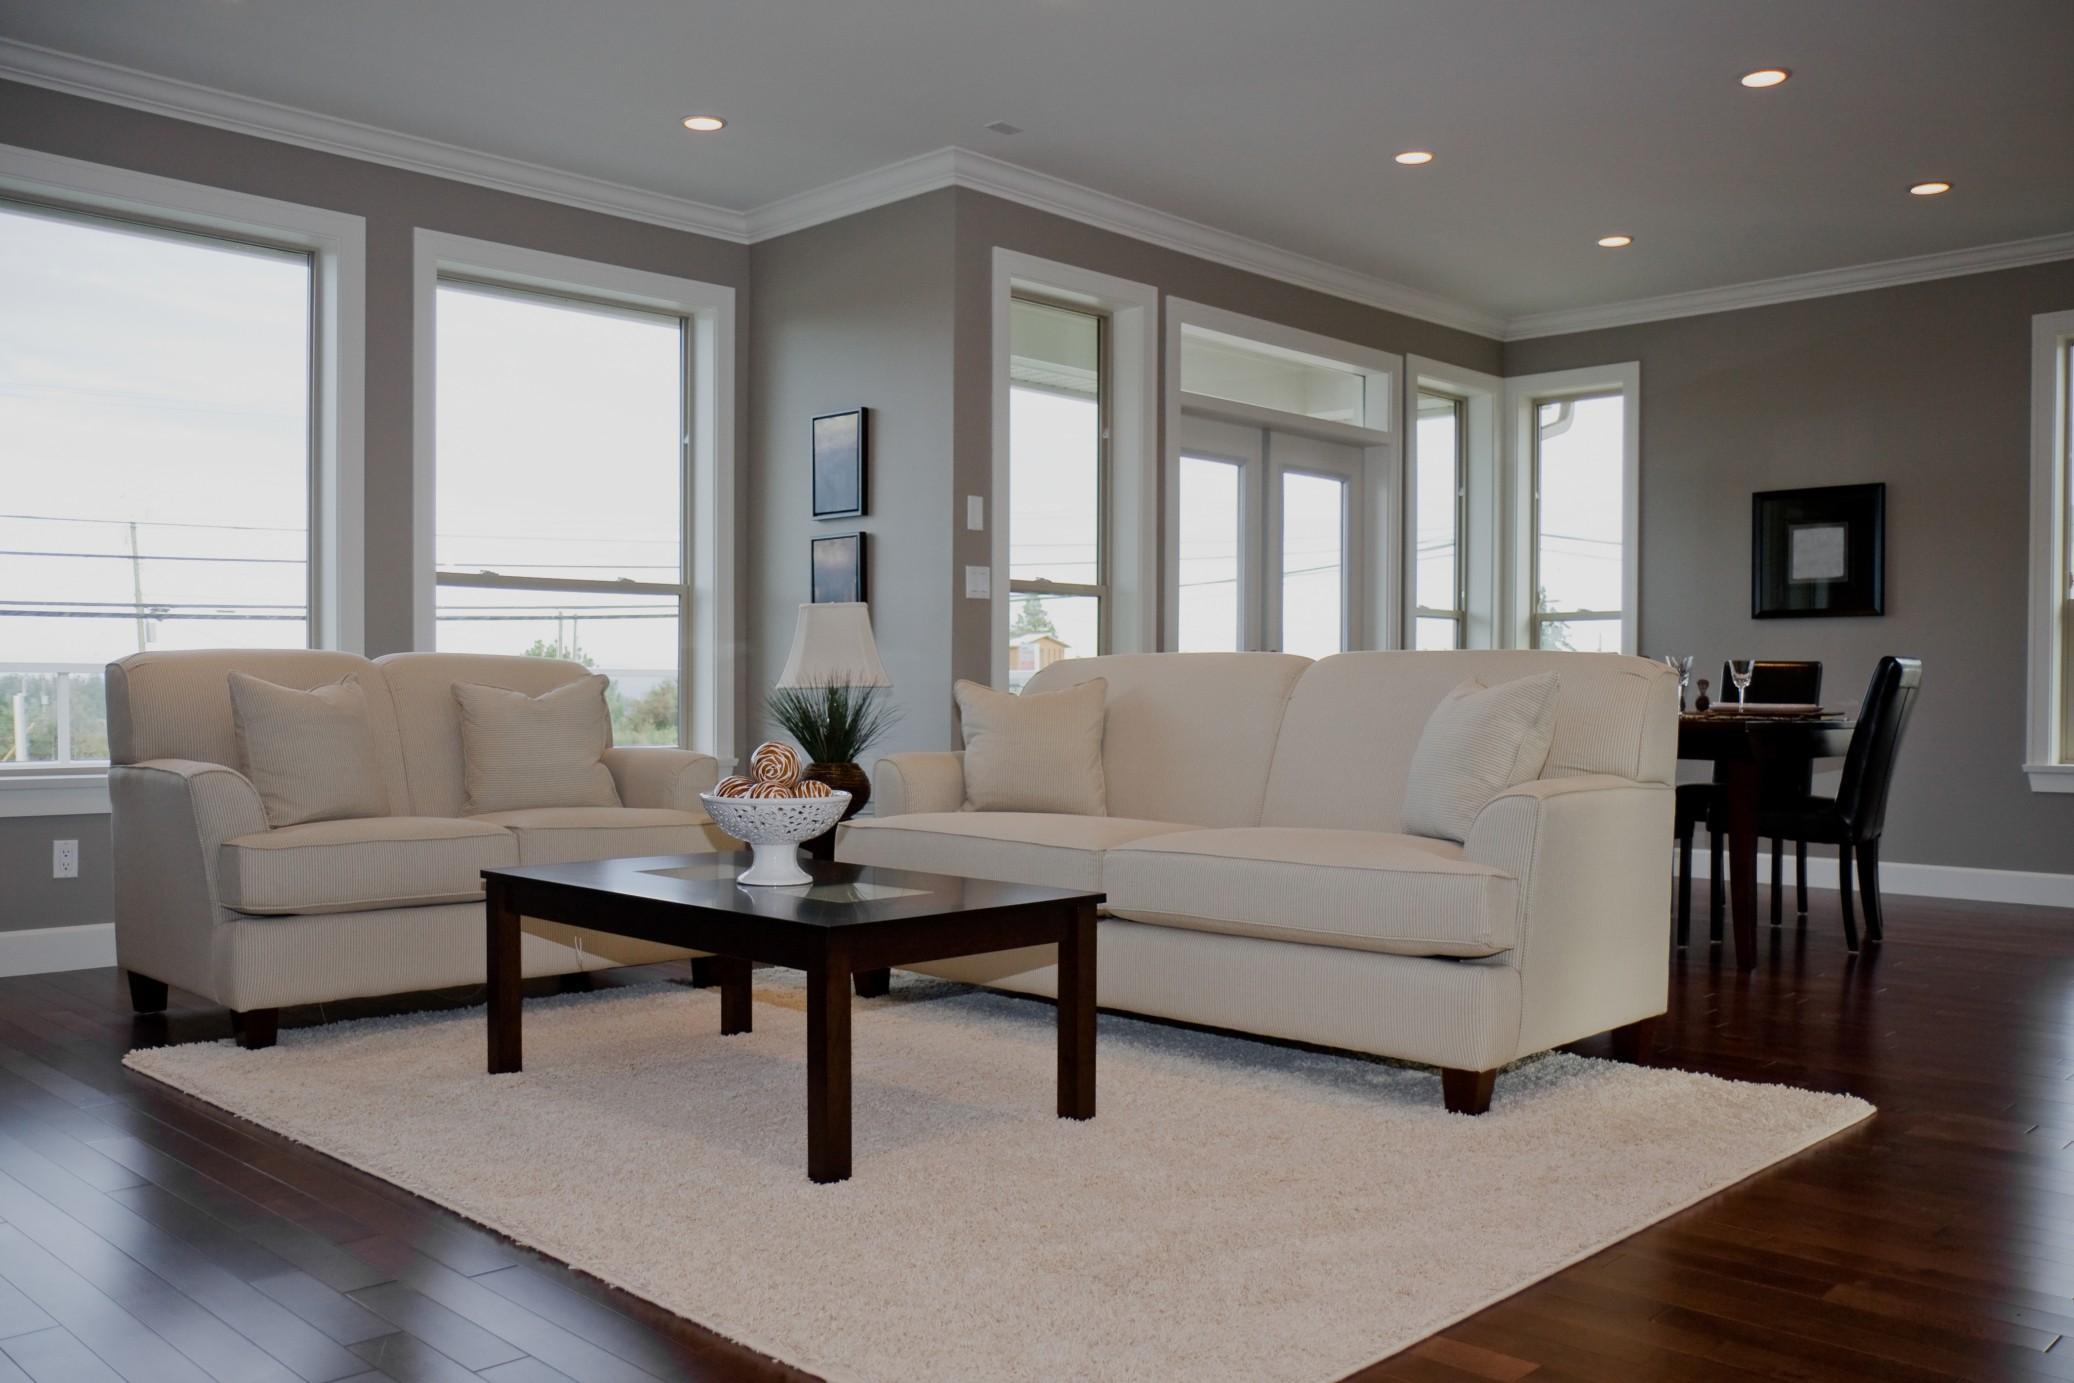 Tappeti moderni fantasie e disegni di tutti i tipi - Interiores de pisos ...